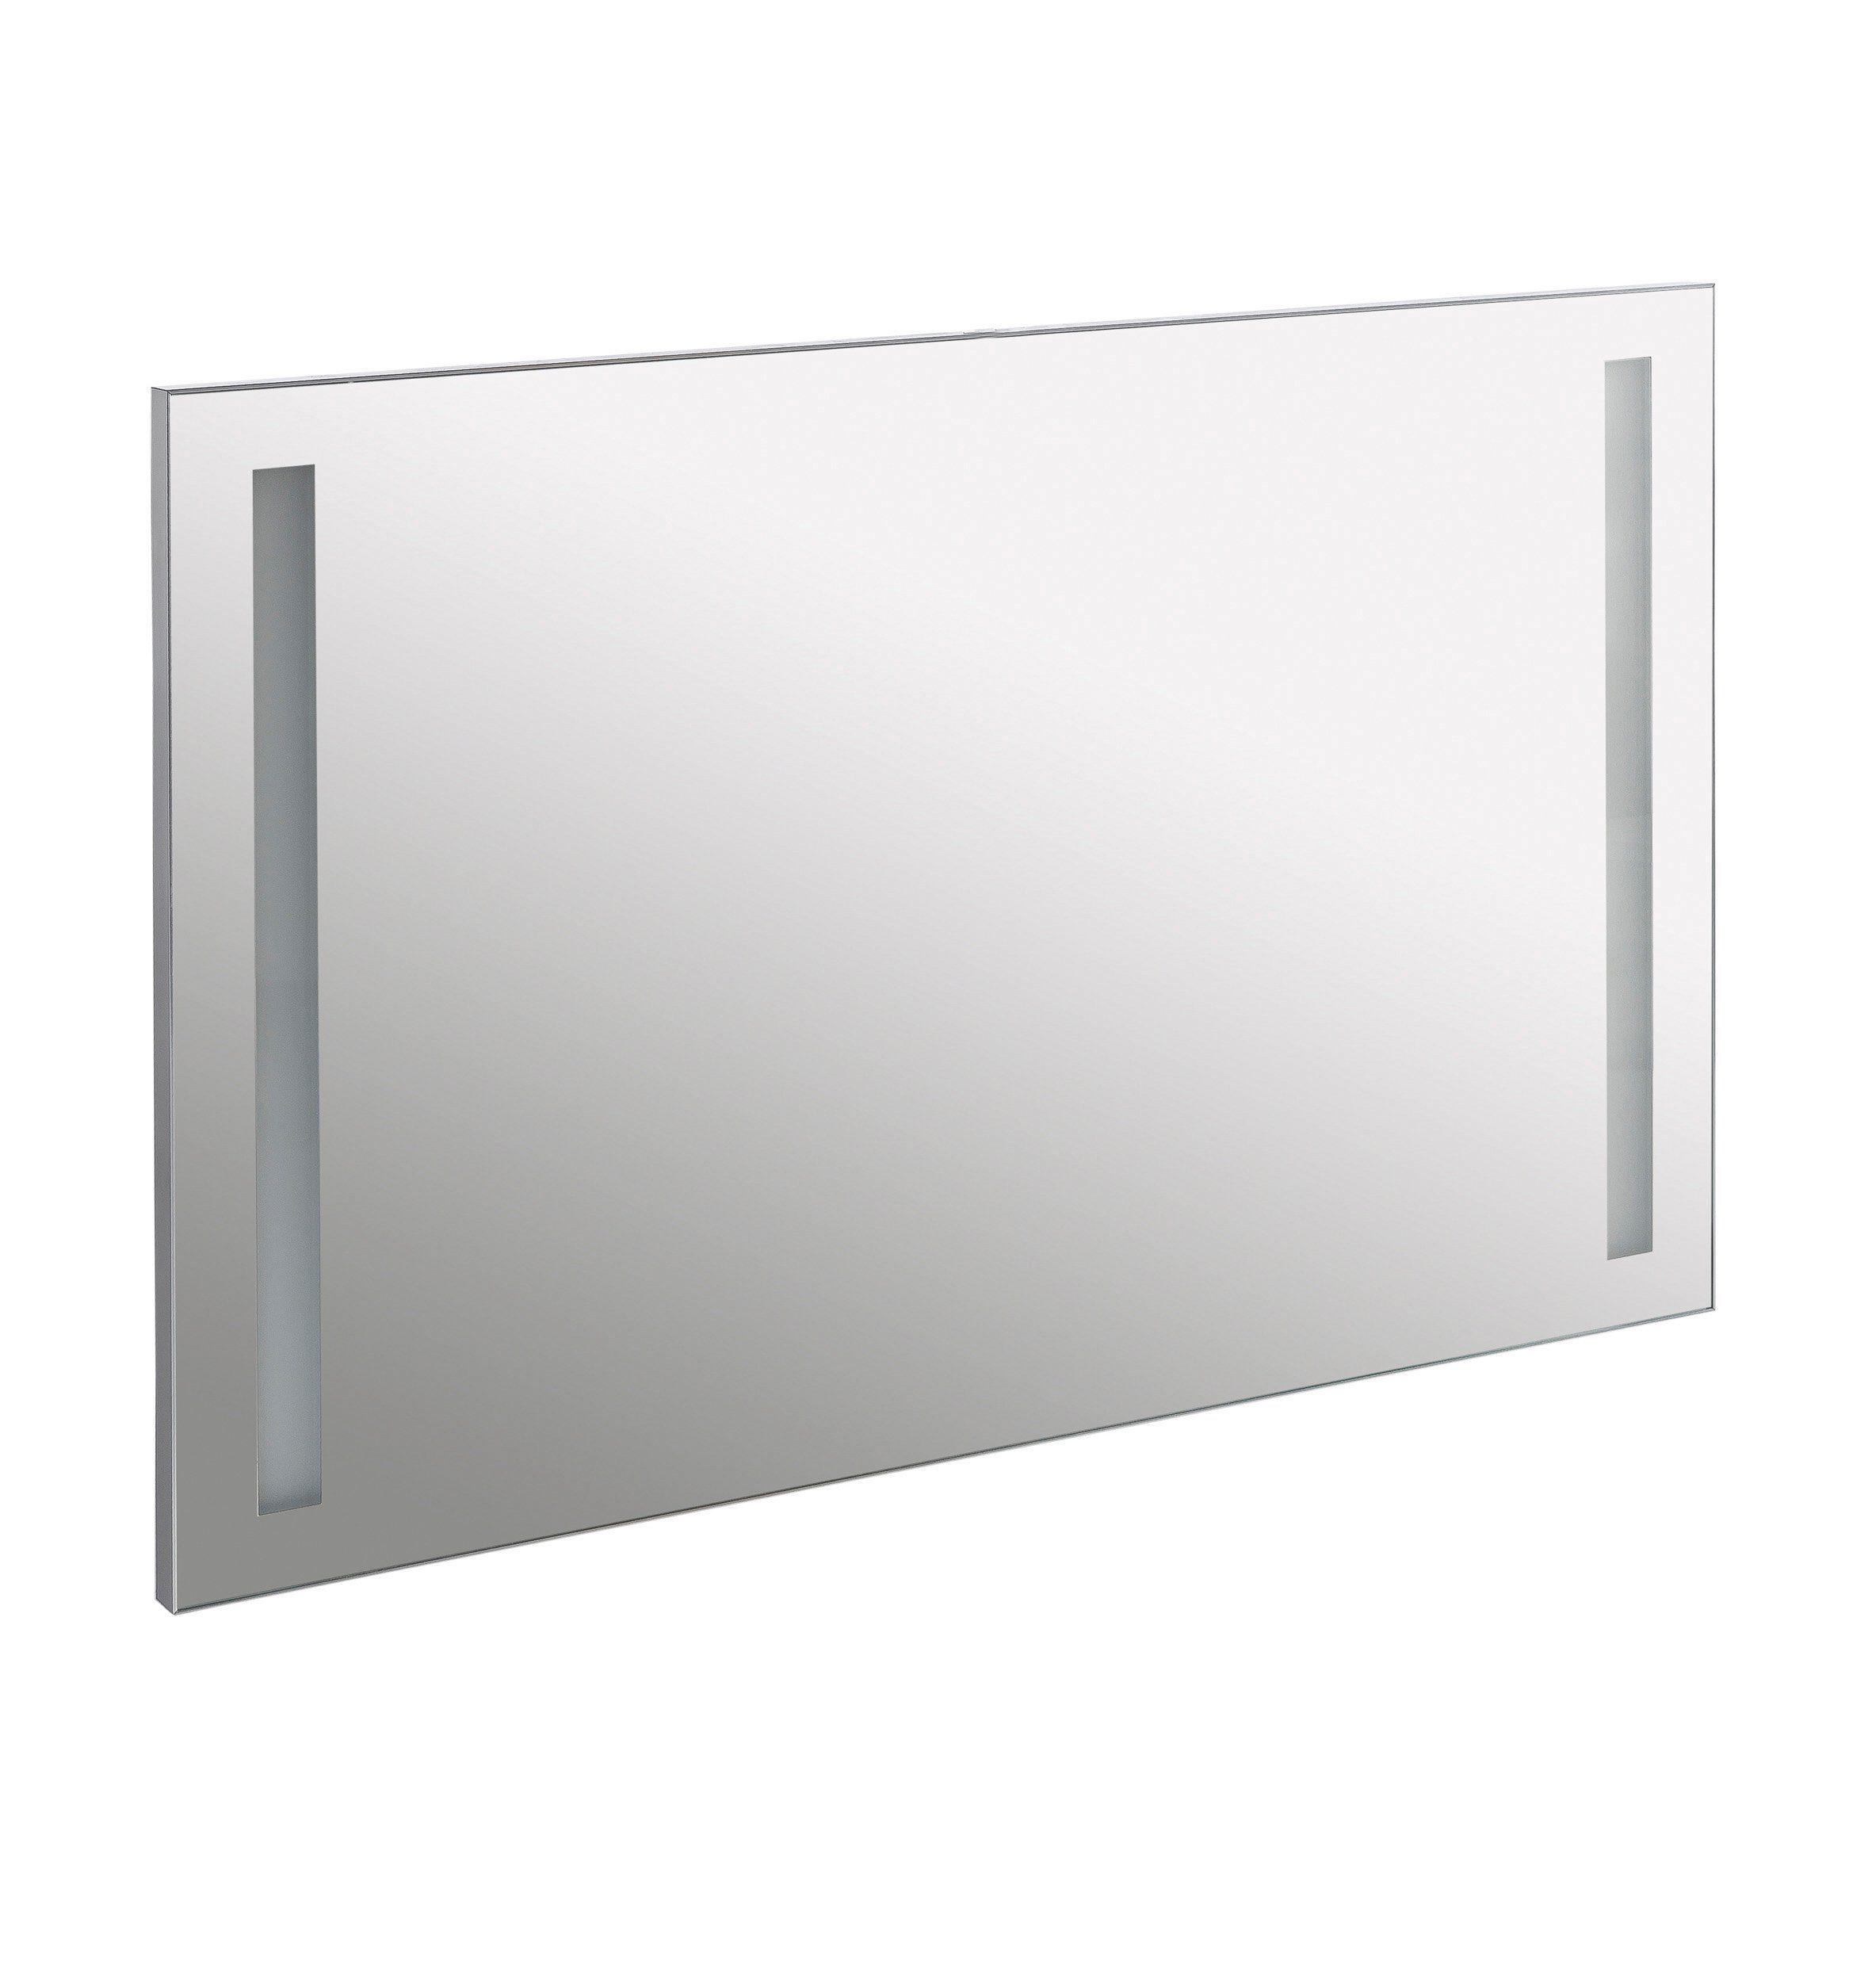 Schildmeyer Spiegel / Badspiegel »Irene« Breite 100 cm, mit Beleuchtung